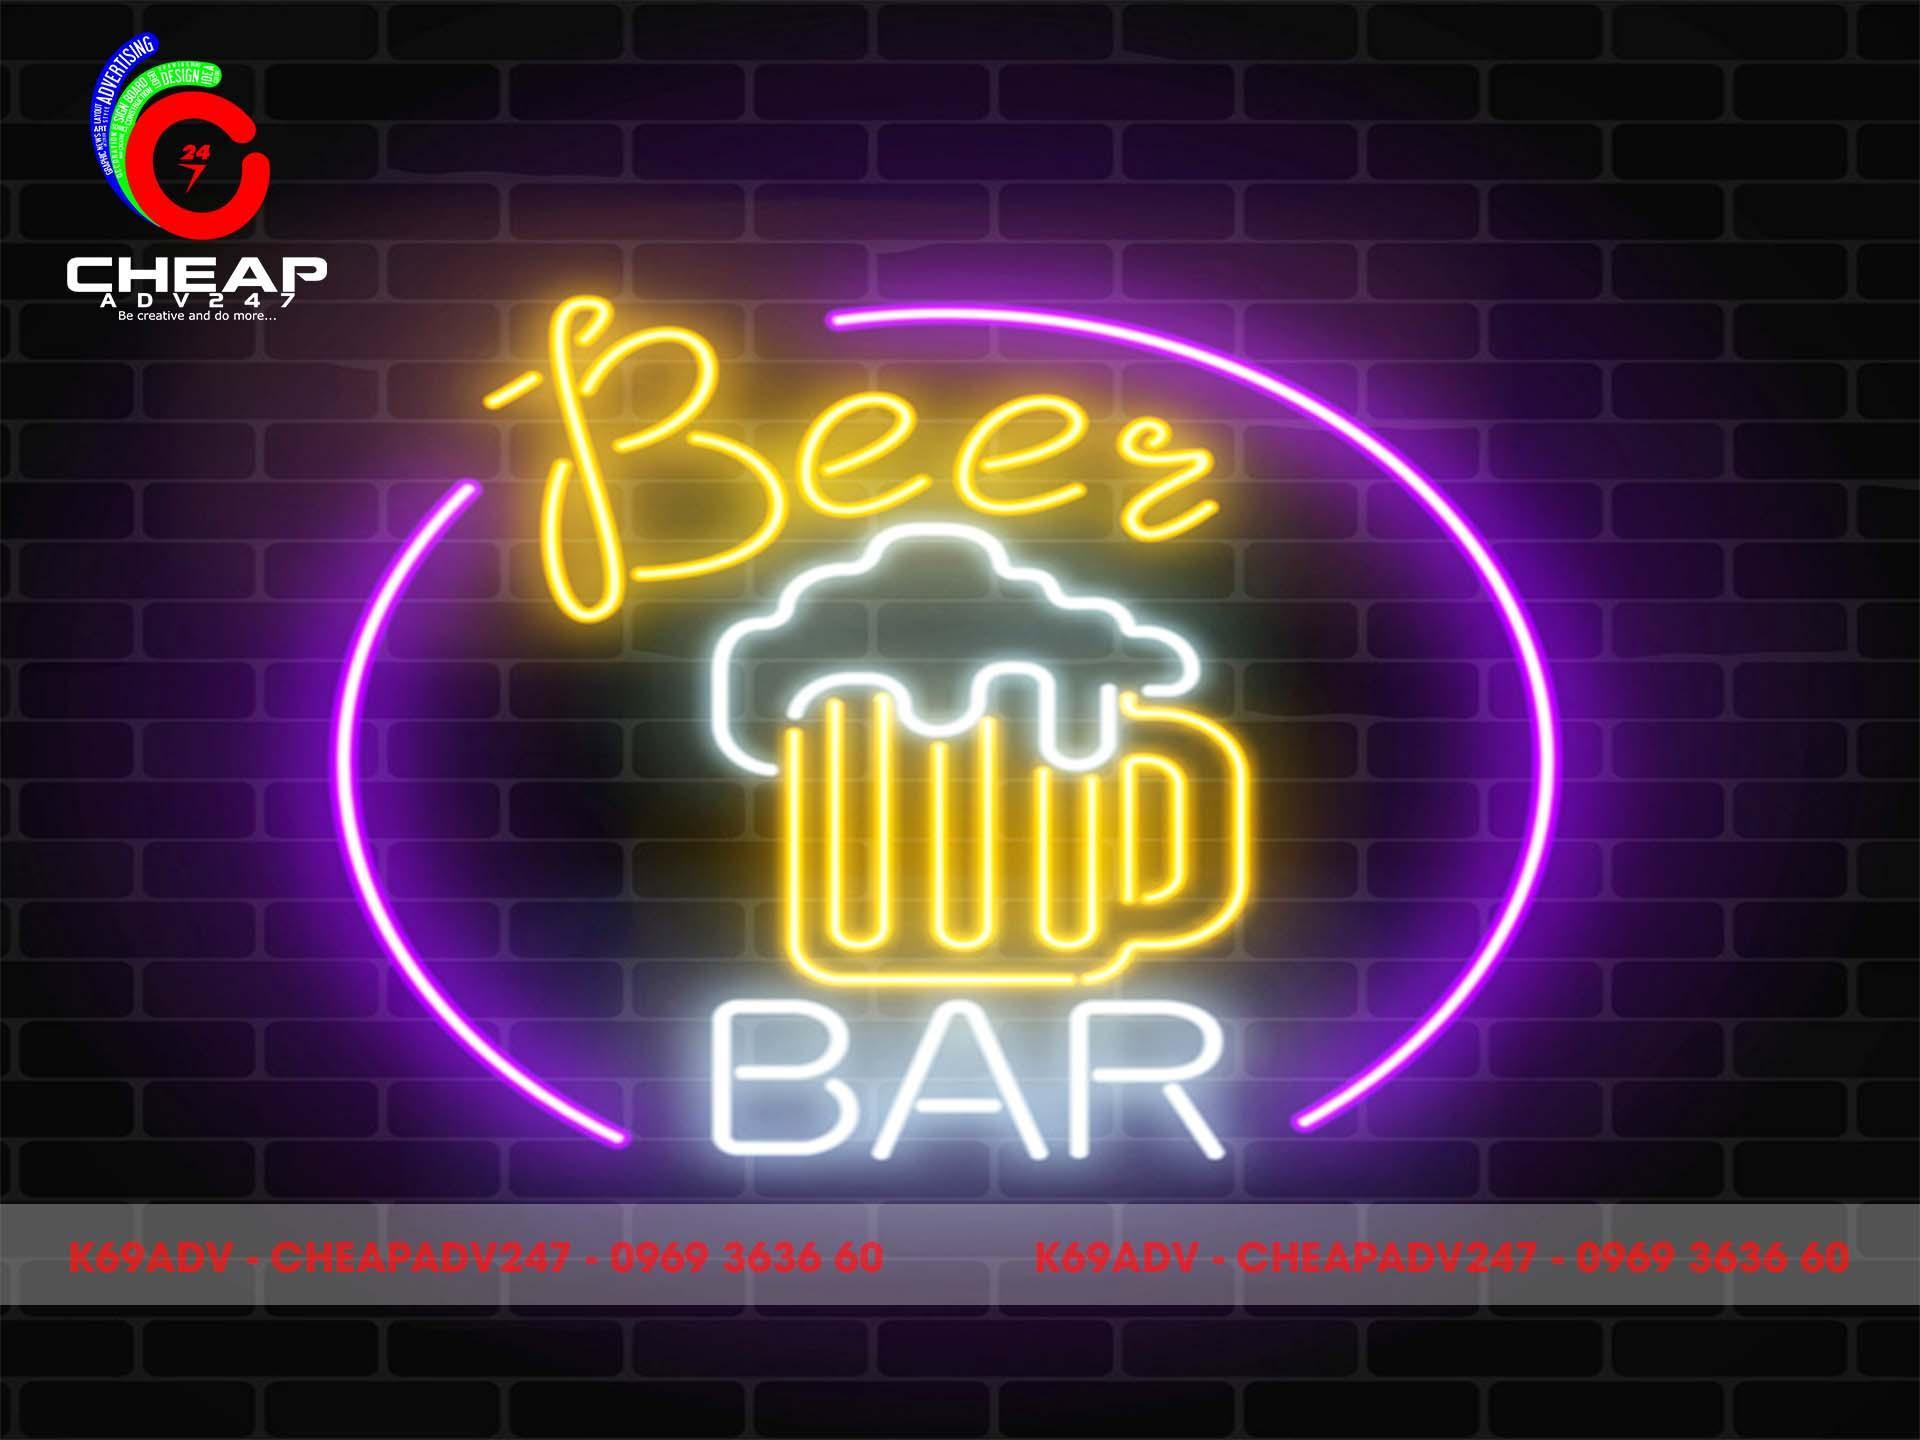 Làm bảng hiệu quán Bar